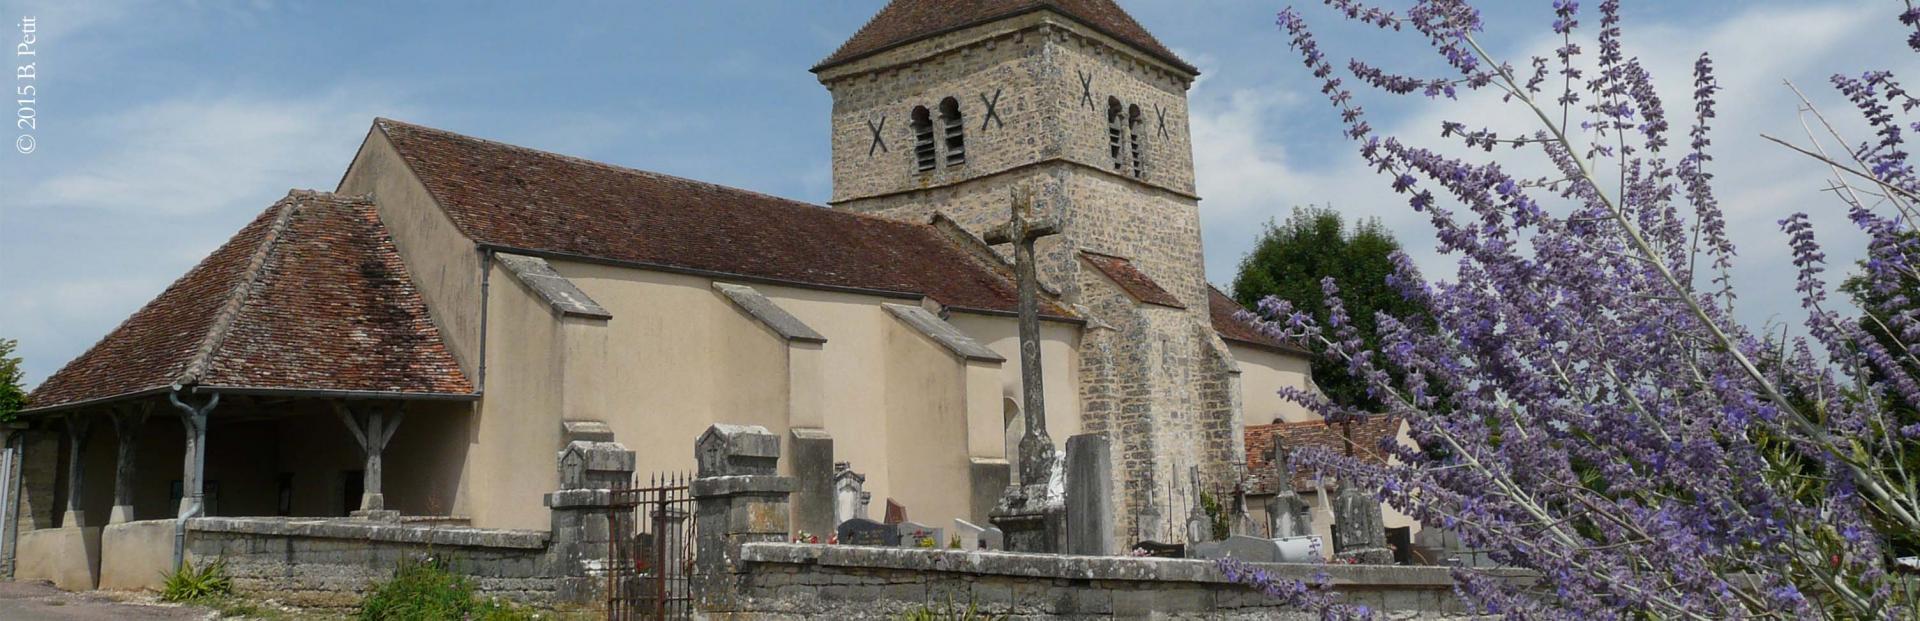 L'église de Oisilly